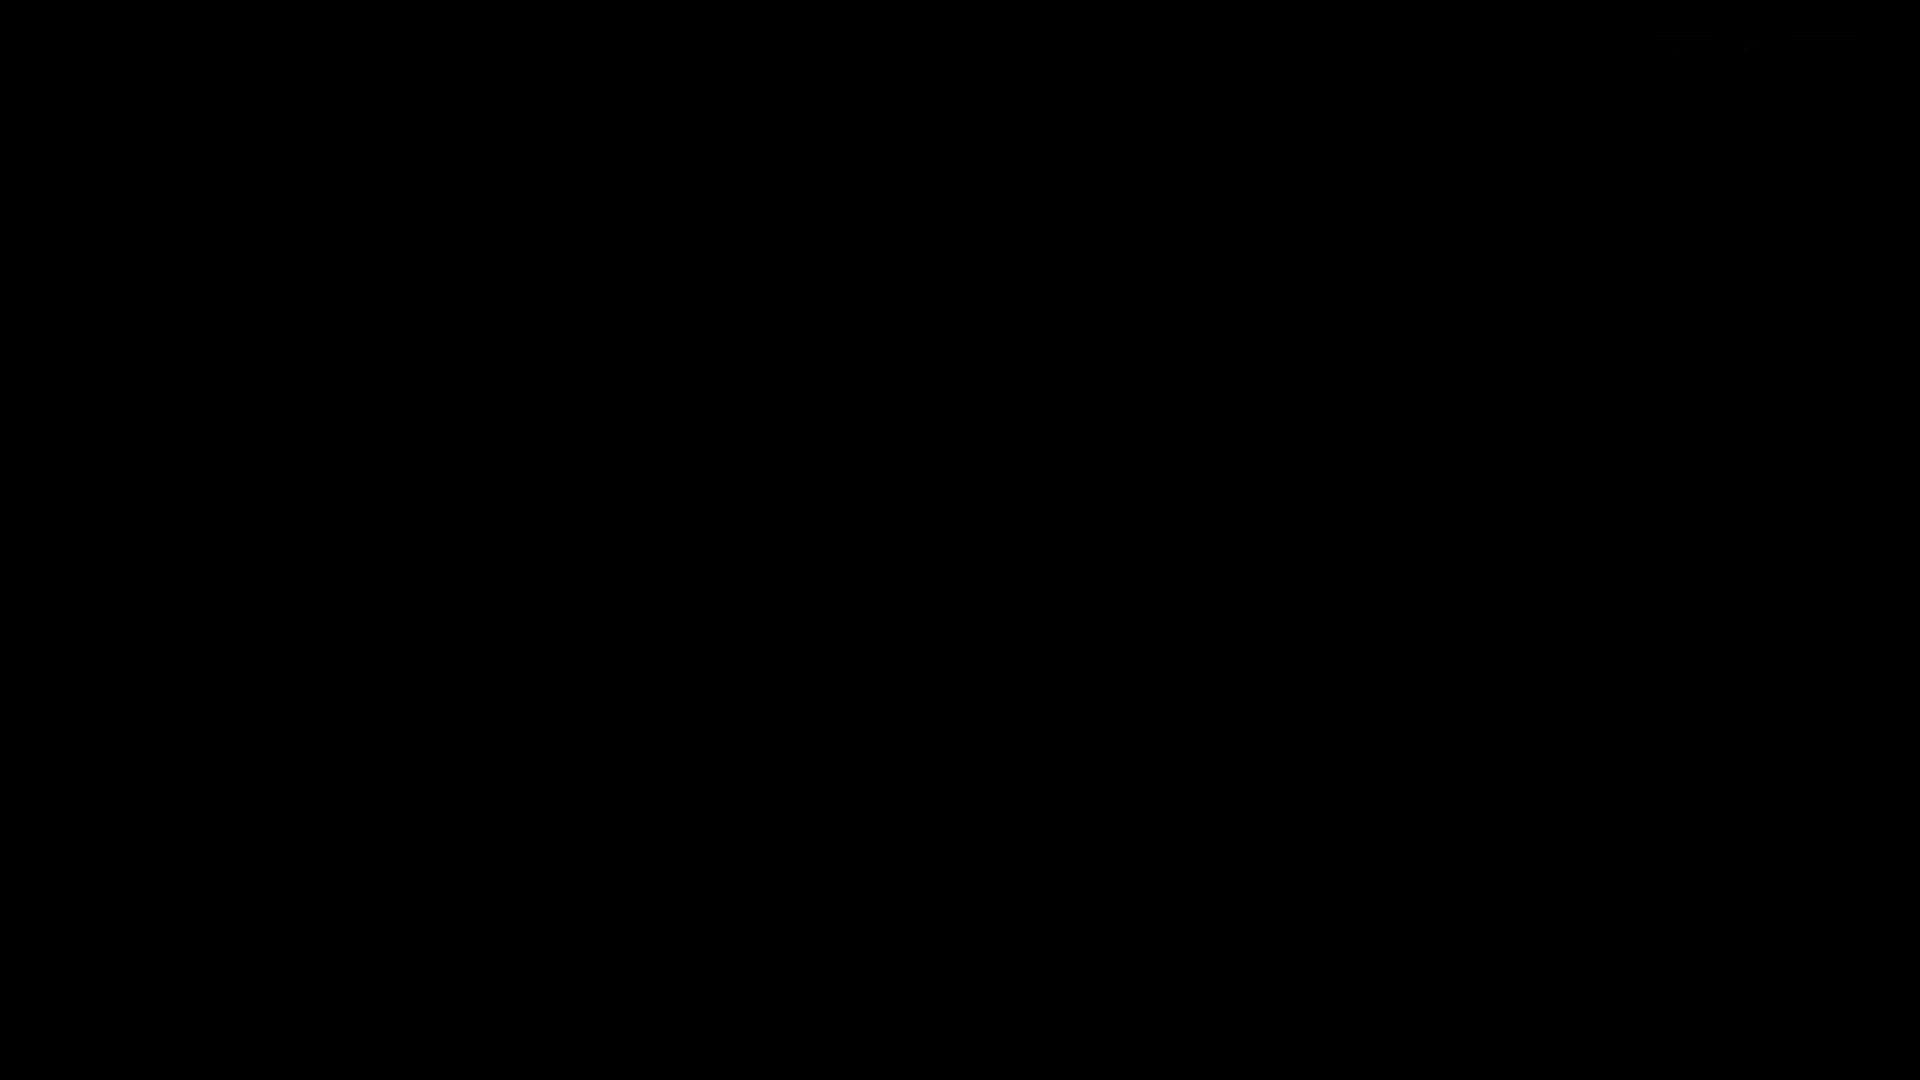 芸術大学ガチ潜入盗撮 JD盗撮 美女の洗面所の秘密 Vol.101 洗面所  95pic 5